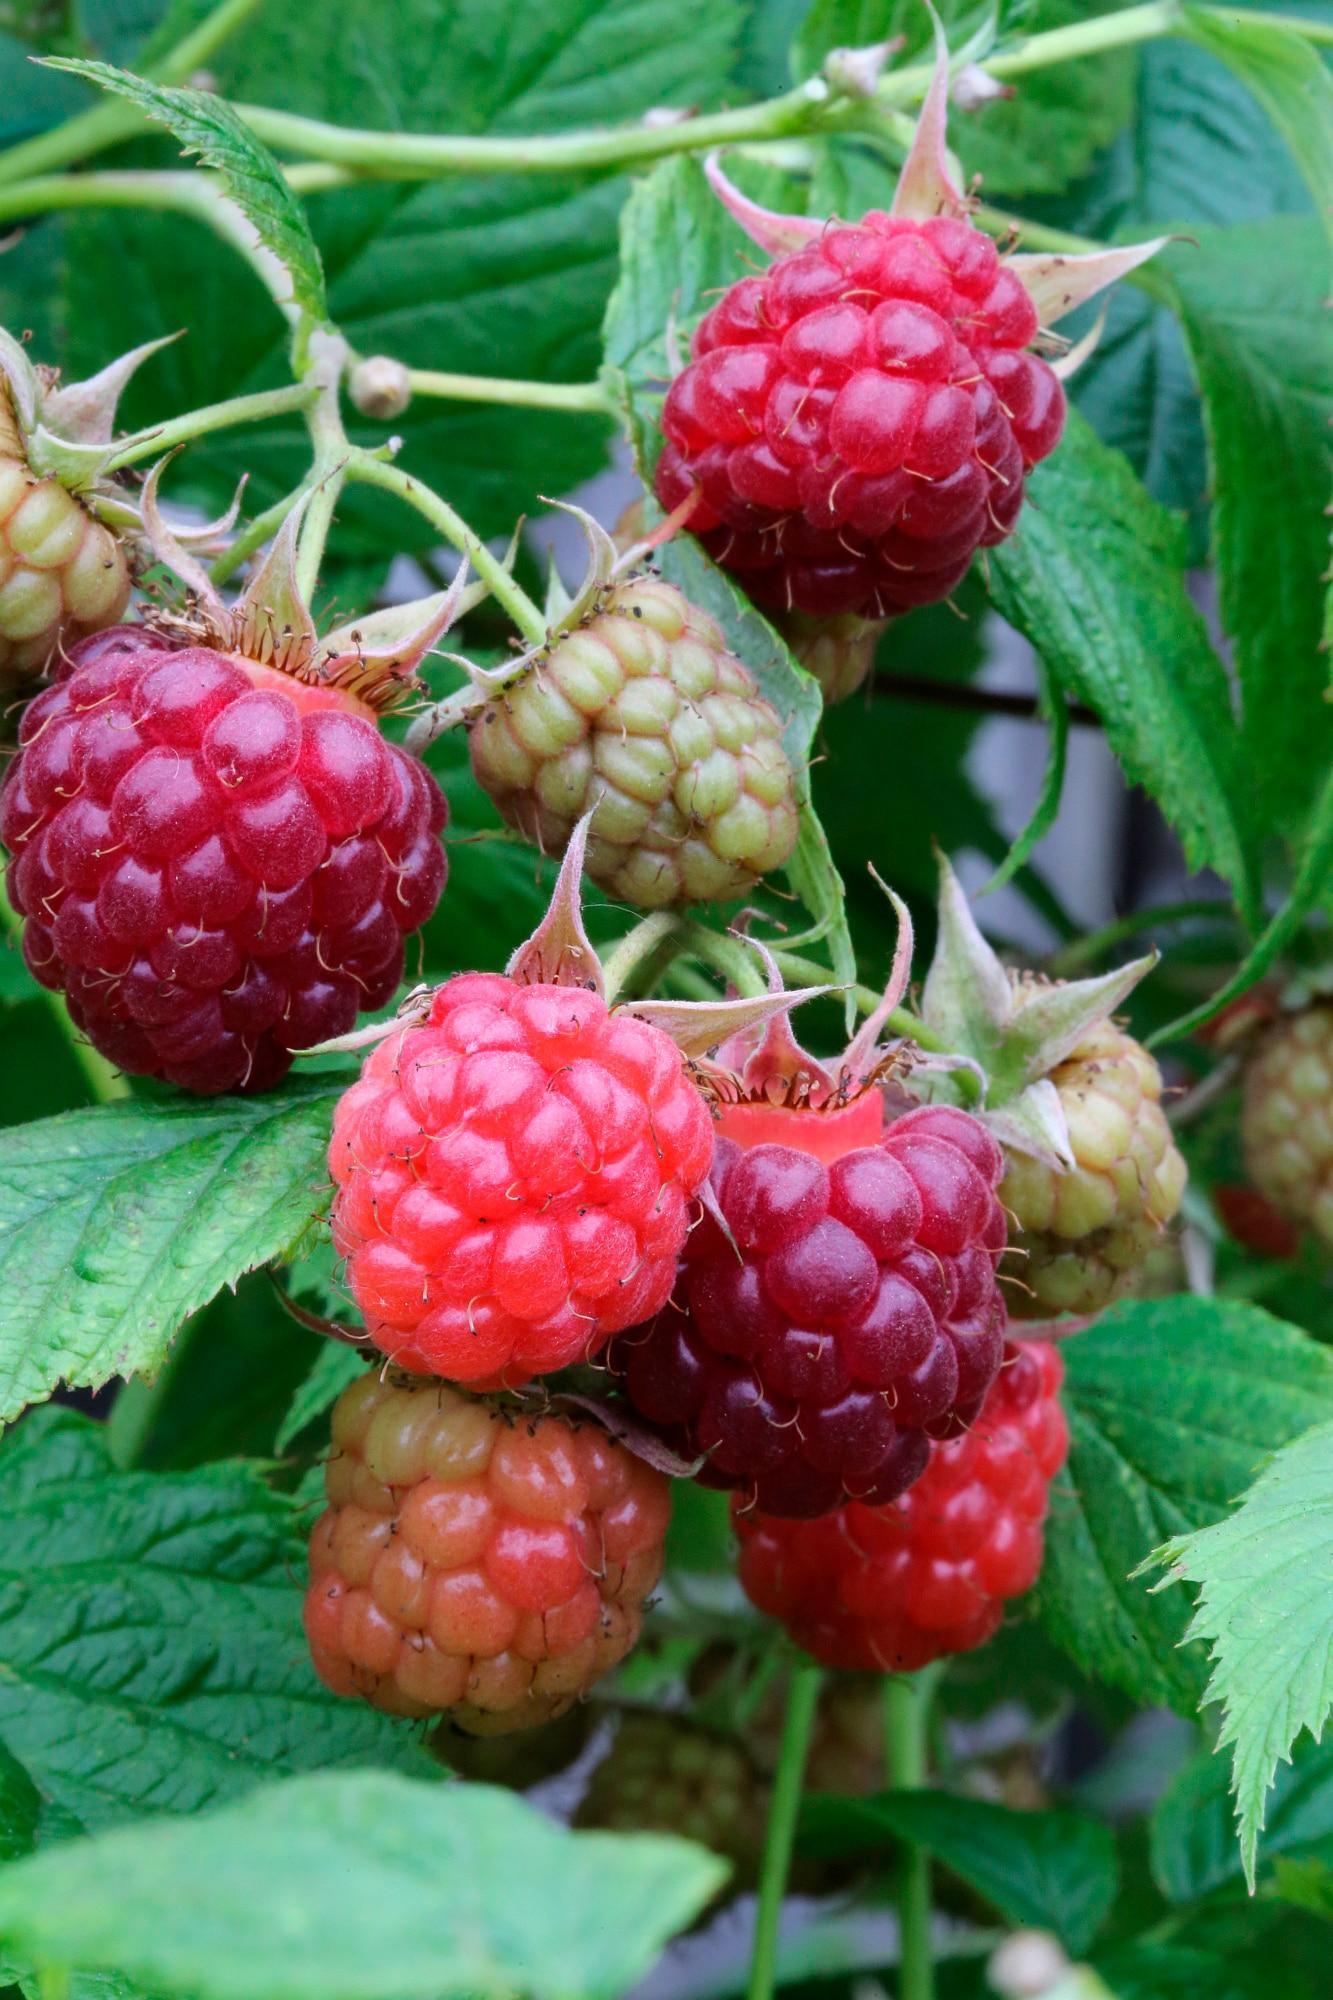 BCM Obstpflanze Himbeere Pokusa, Höhe: 30-40 cm, 1 Pflanze weiß Obst Pflanzen Garten Balkon